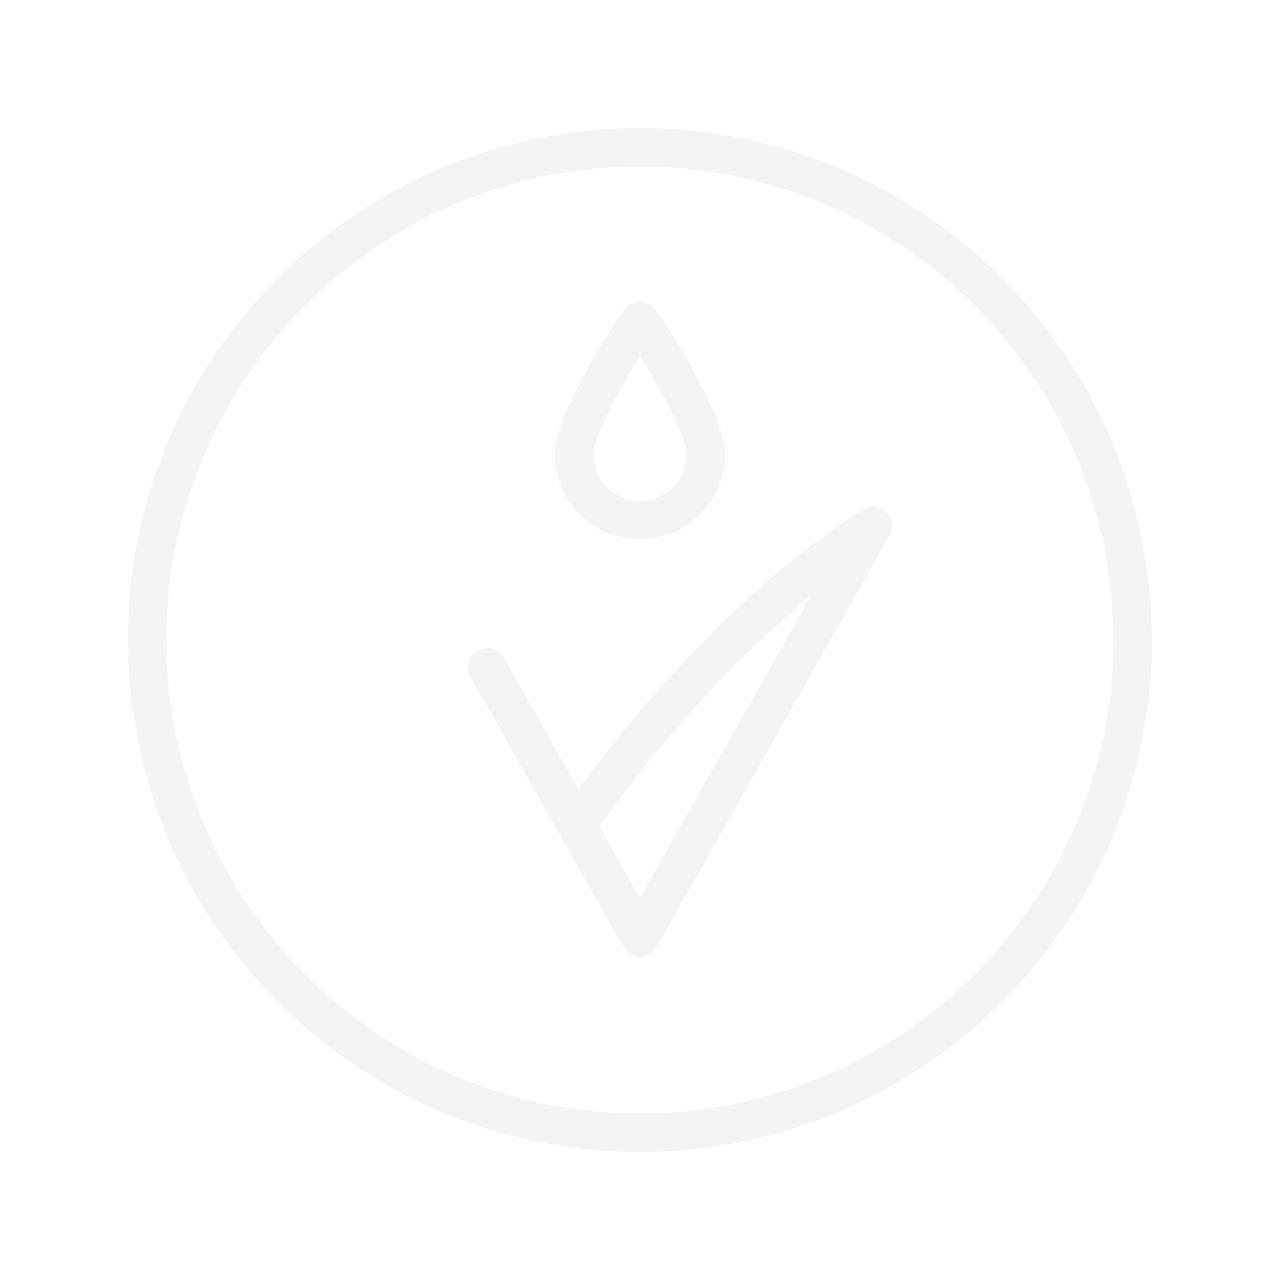 Joico JoiMist Firm Ultra Dry Spray